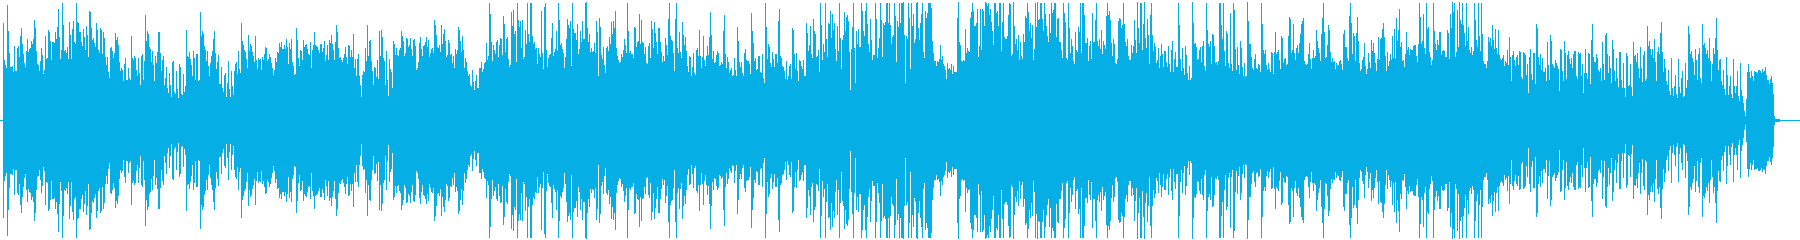 ピアノと弦楽器の華やかなインスト曲の再生済みの波形